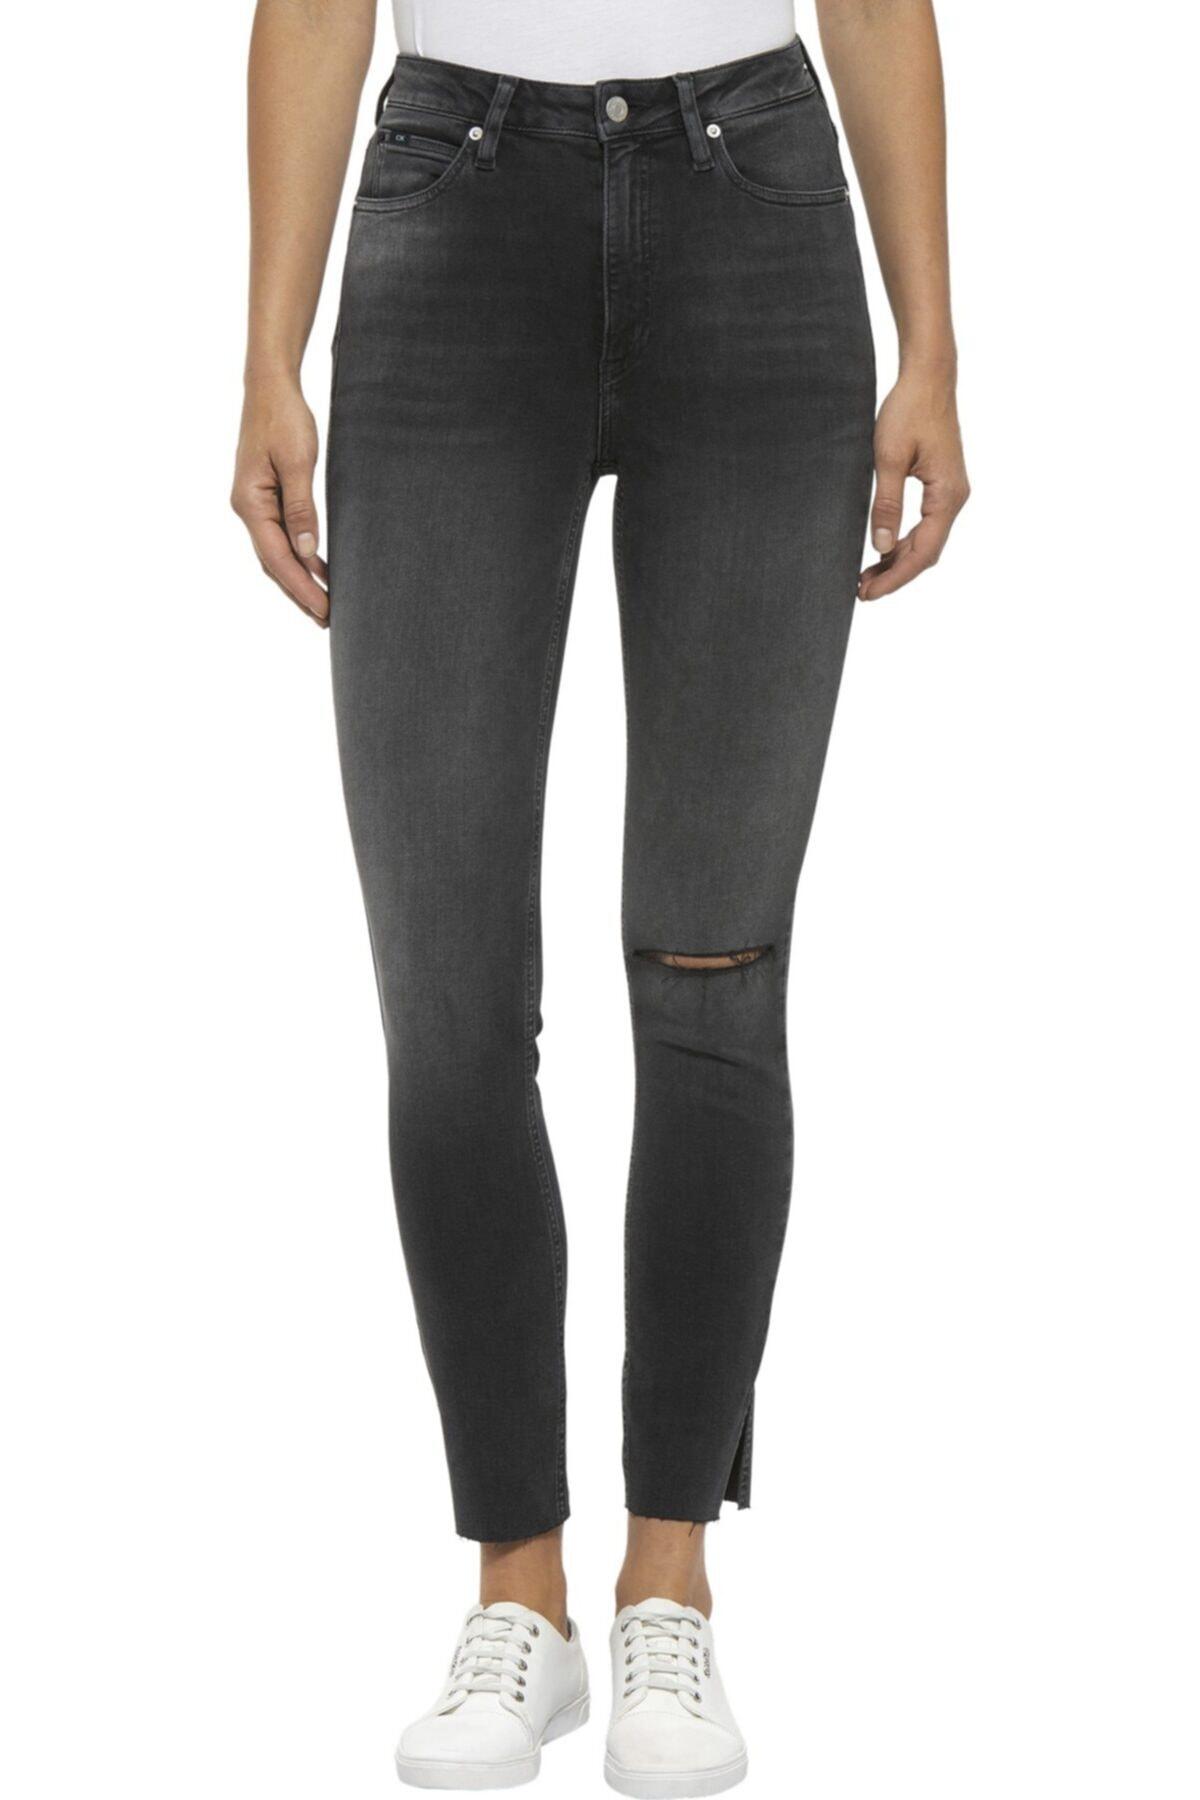 Calvin Klein Kadın Pantolon J20j210999 1